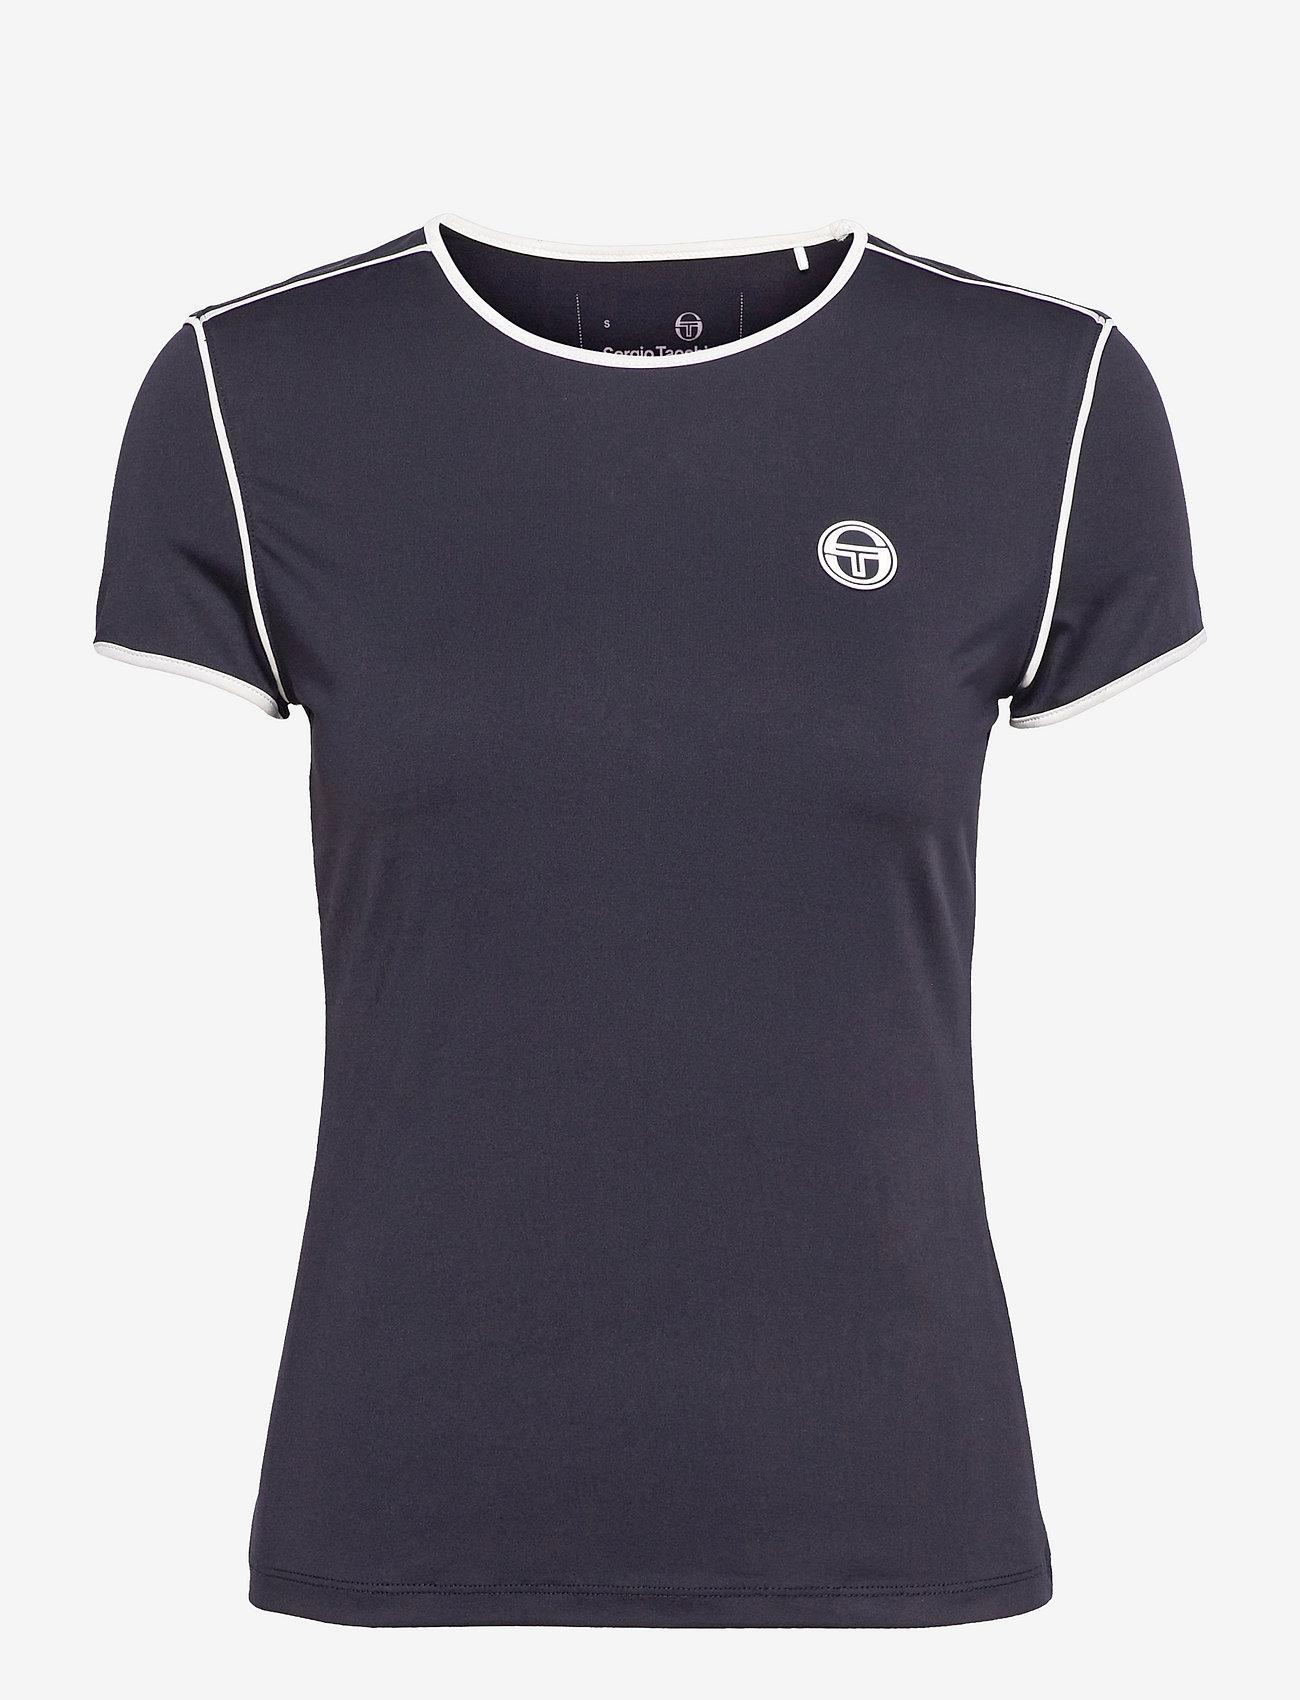 Sergio Tacchini - TCP TSHIRT SS WOMAN - t-shirts - 205 night sky/blanc de blanc - 0